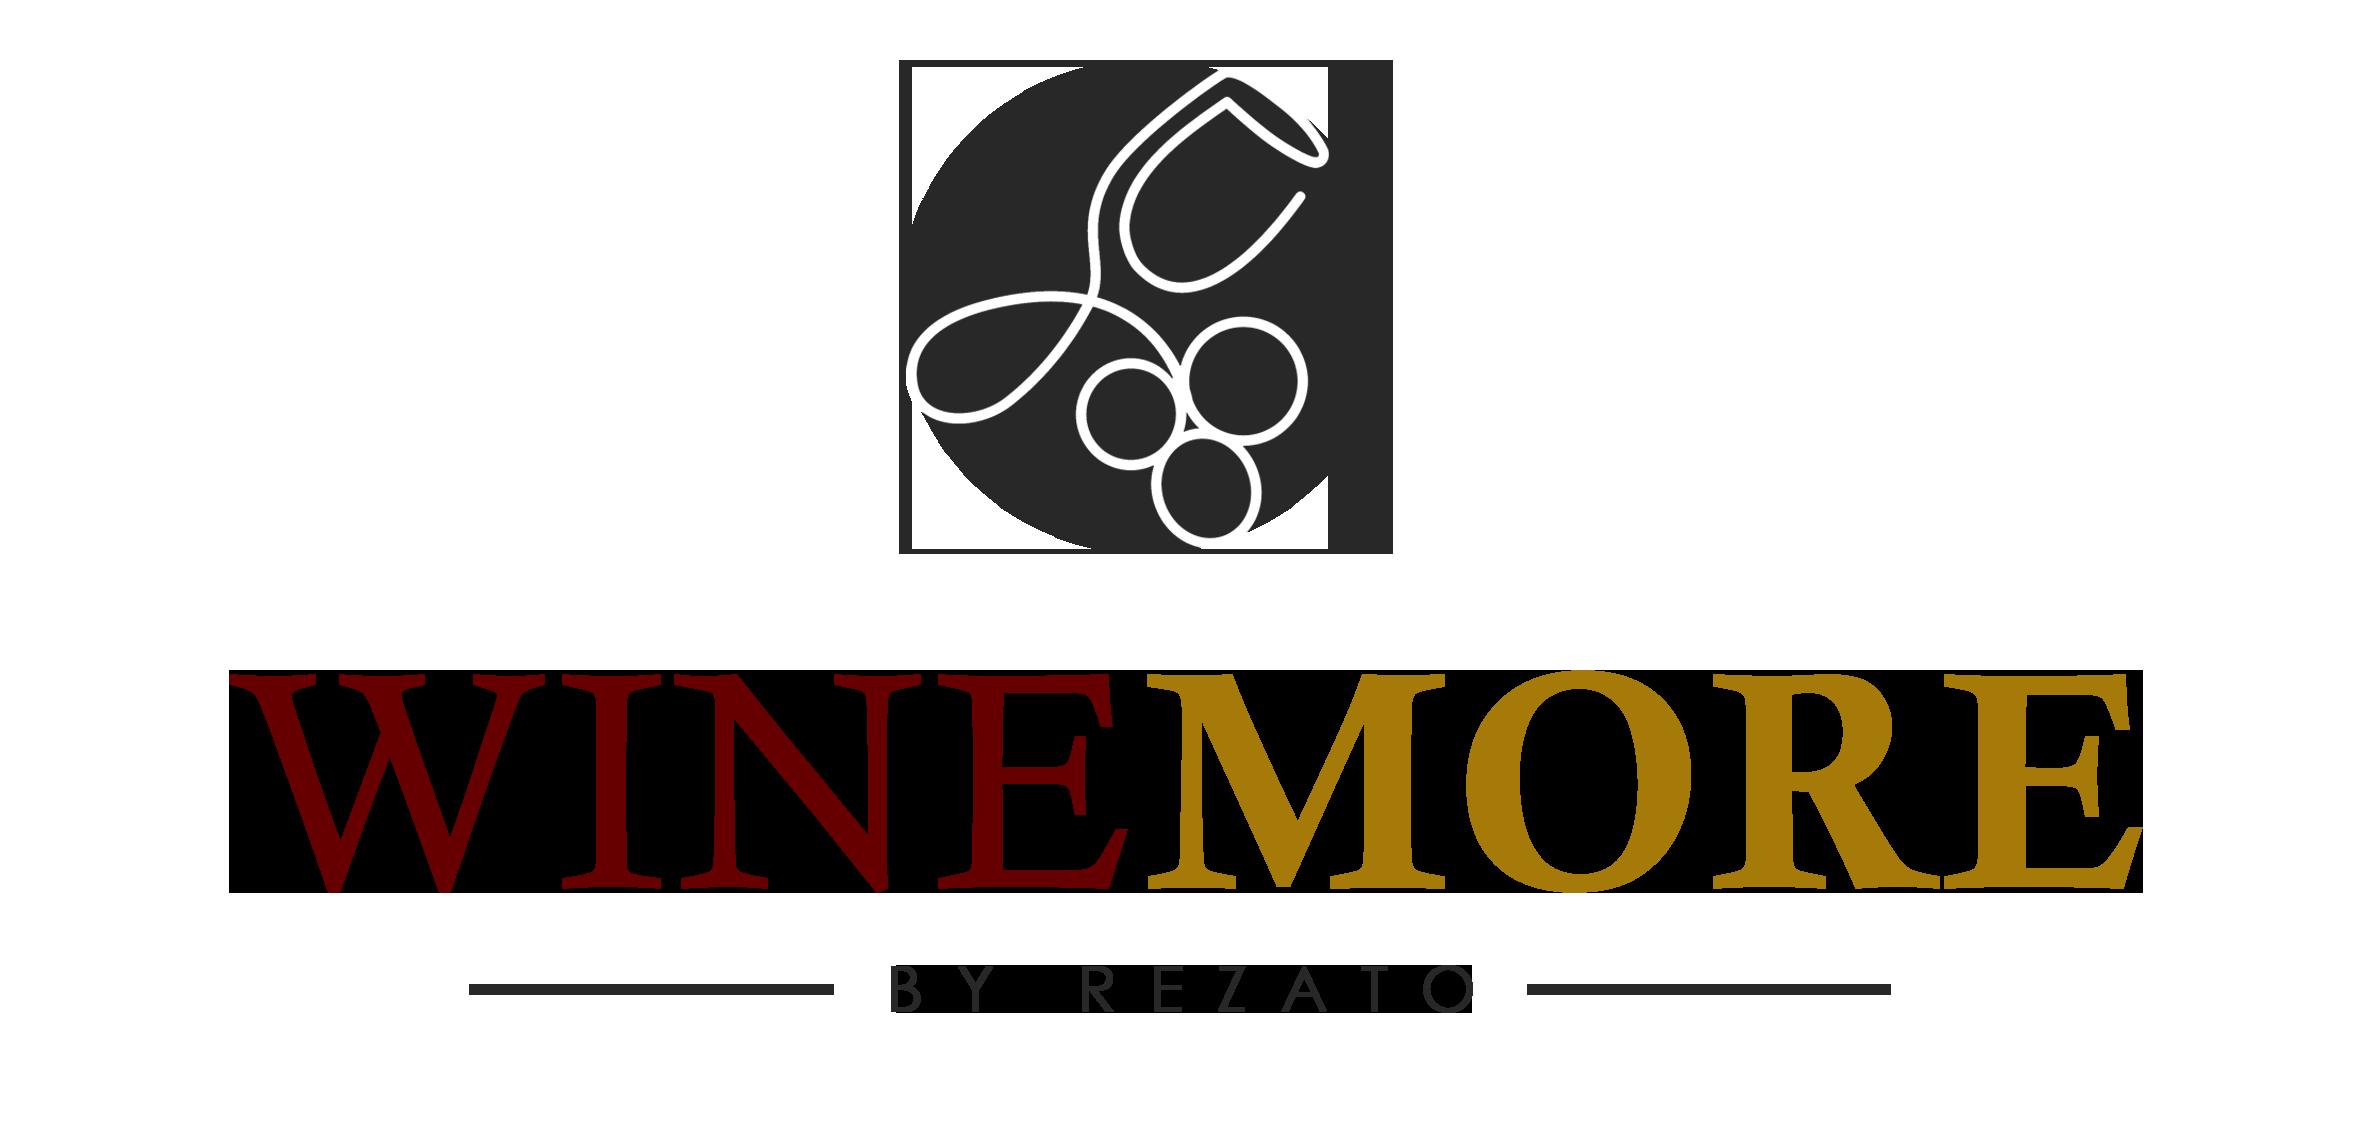 Winemore